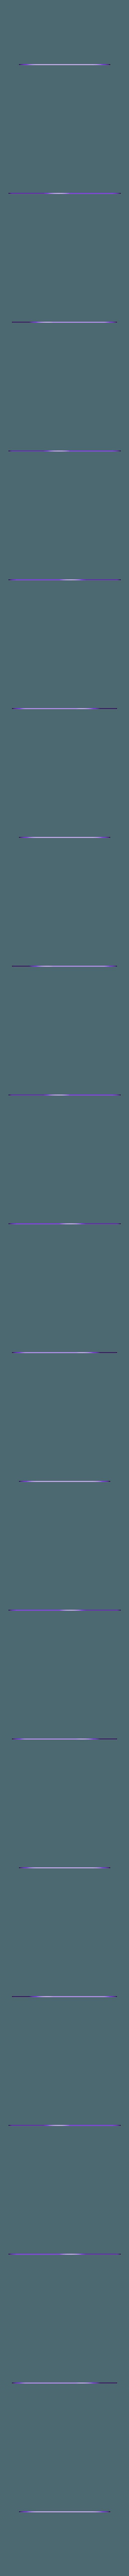 Internal_Plate.stl Télécharger fichier STL gratuit ADKS - Lampe de table multicolore Bluetooth • Design pour imprimante 3D, Adarkstudio